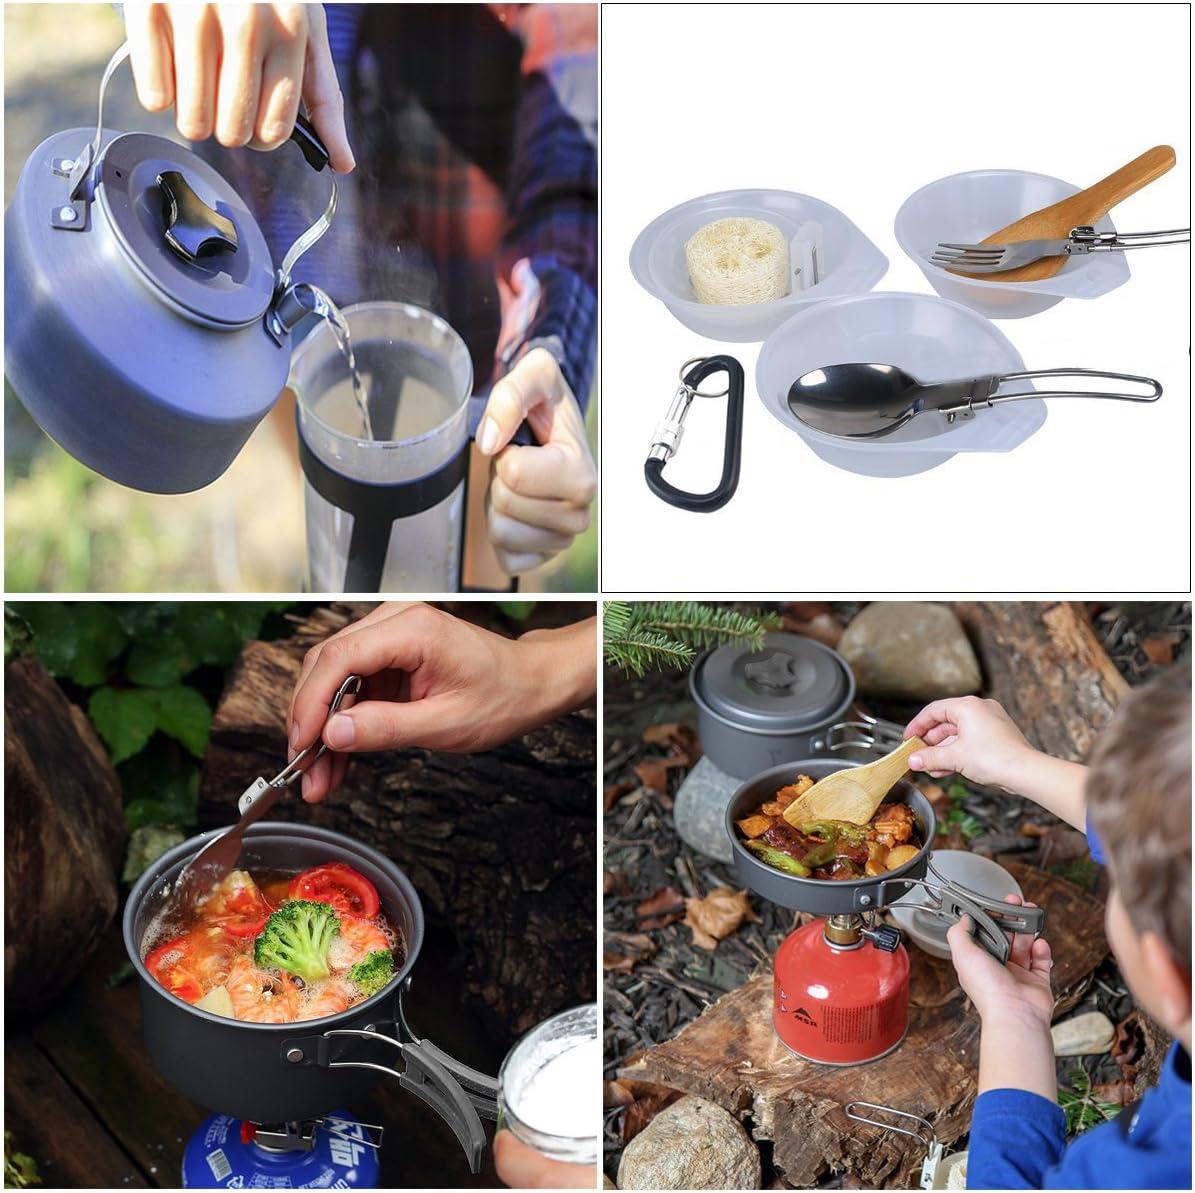 AUTOPkio Juego de Utensilios de Cocina para Camping, portátil y liviano para cocinar al Aire Libre en sartén con Cacerola y abrebotellas para 2 o 3 ...